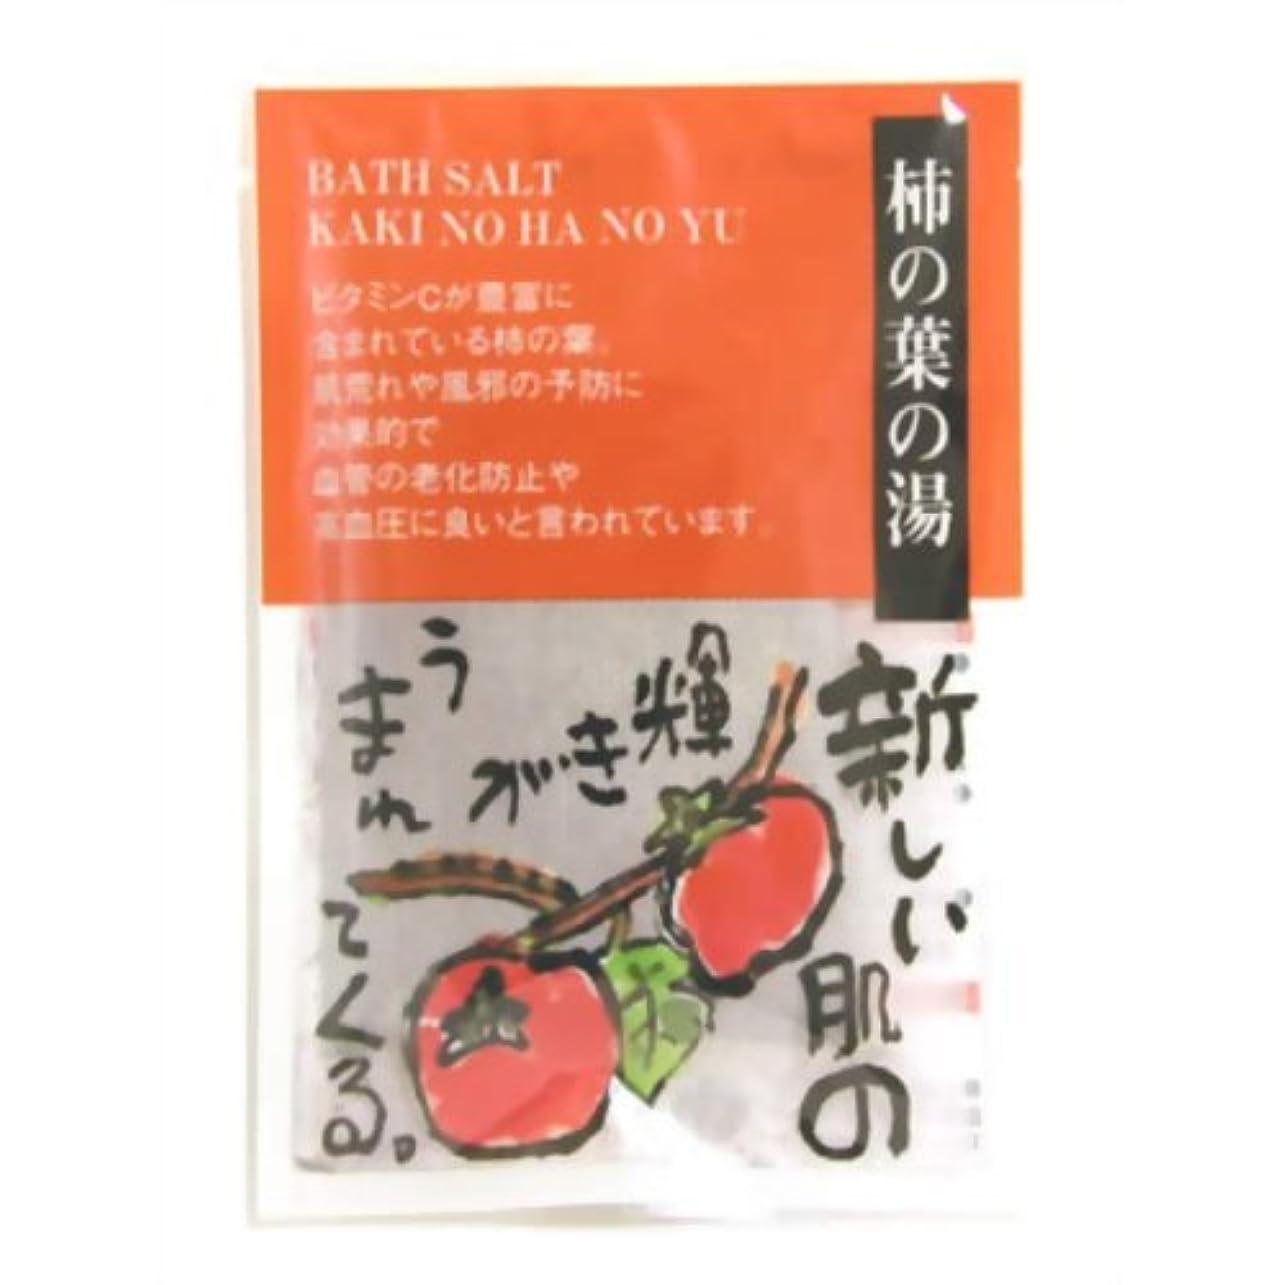 月面斧貫入和漢の湯 やすらぎ便り 柿の葉の湯(ティーバッグタイプ)(入浴剤 ハーブ)